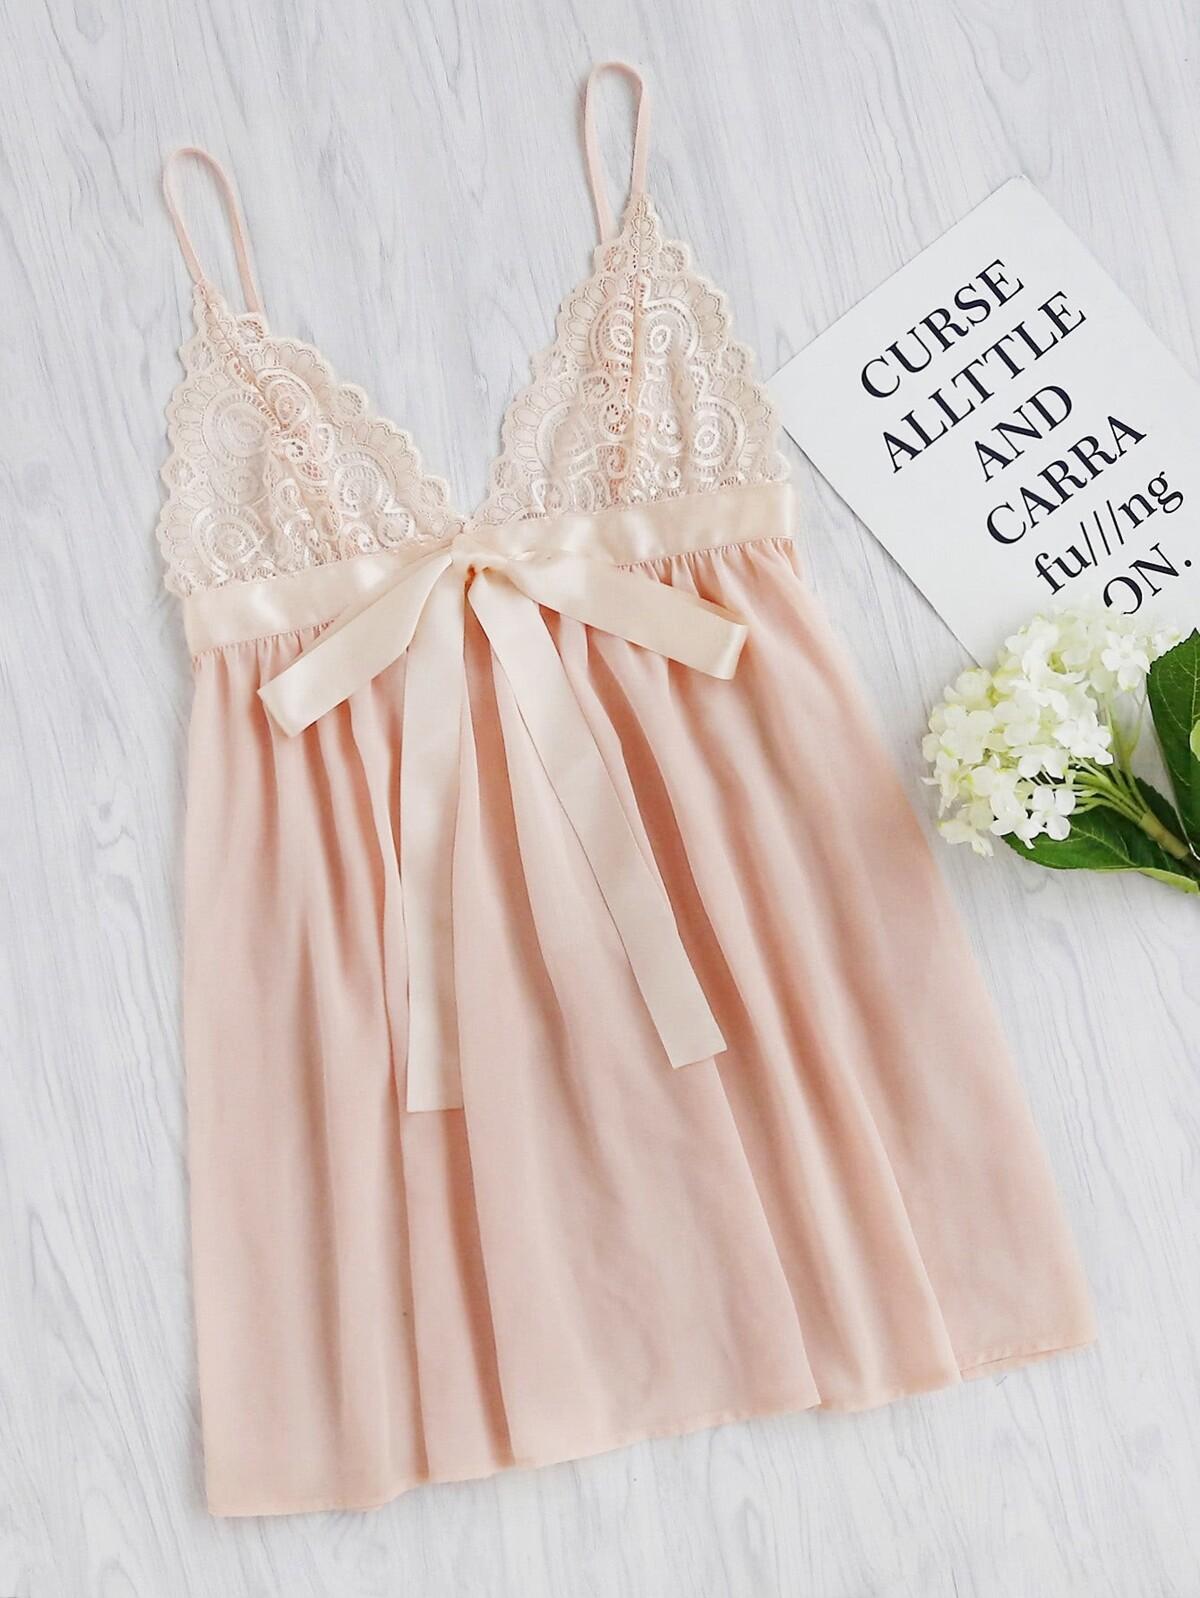 蕾絲 罩杯 腰飾 裝飾 性感小夜衣 睡衣 洋裝